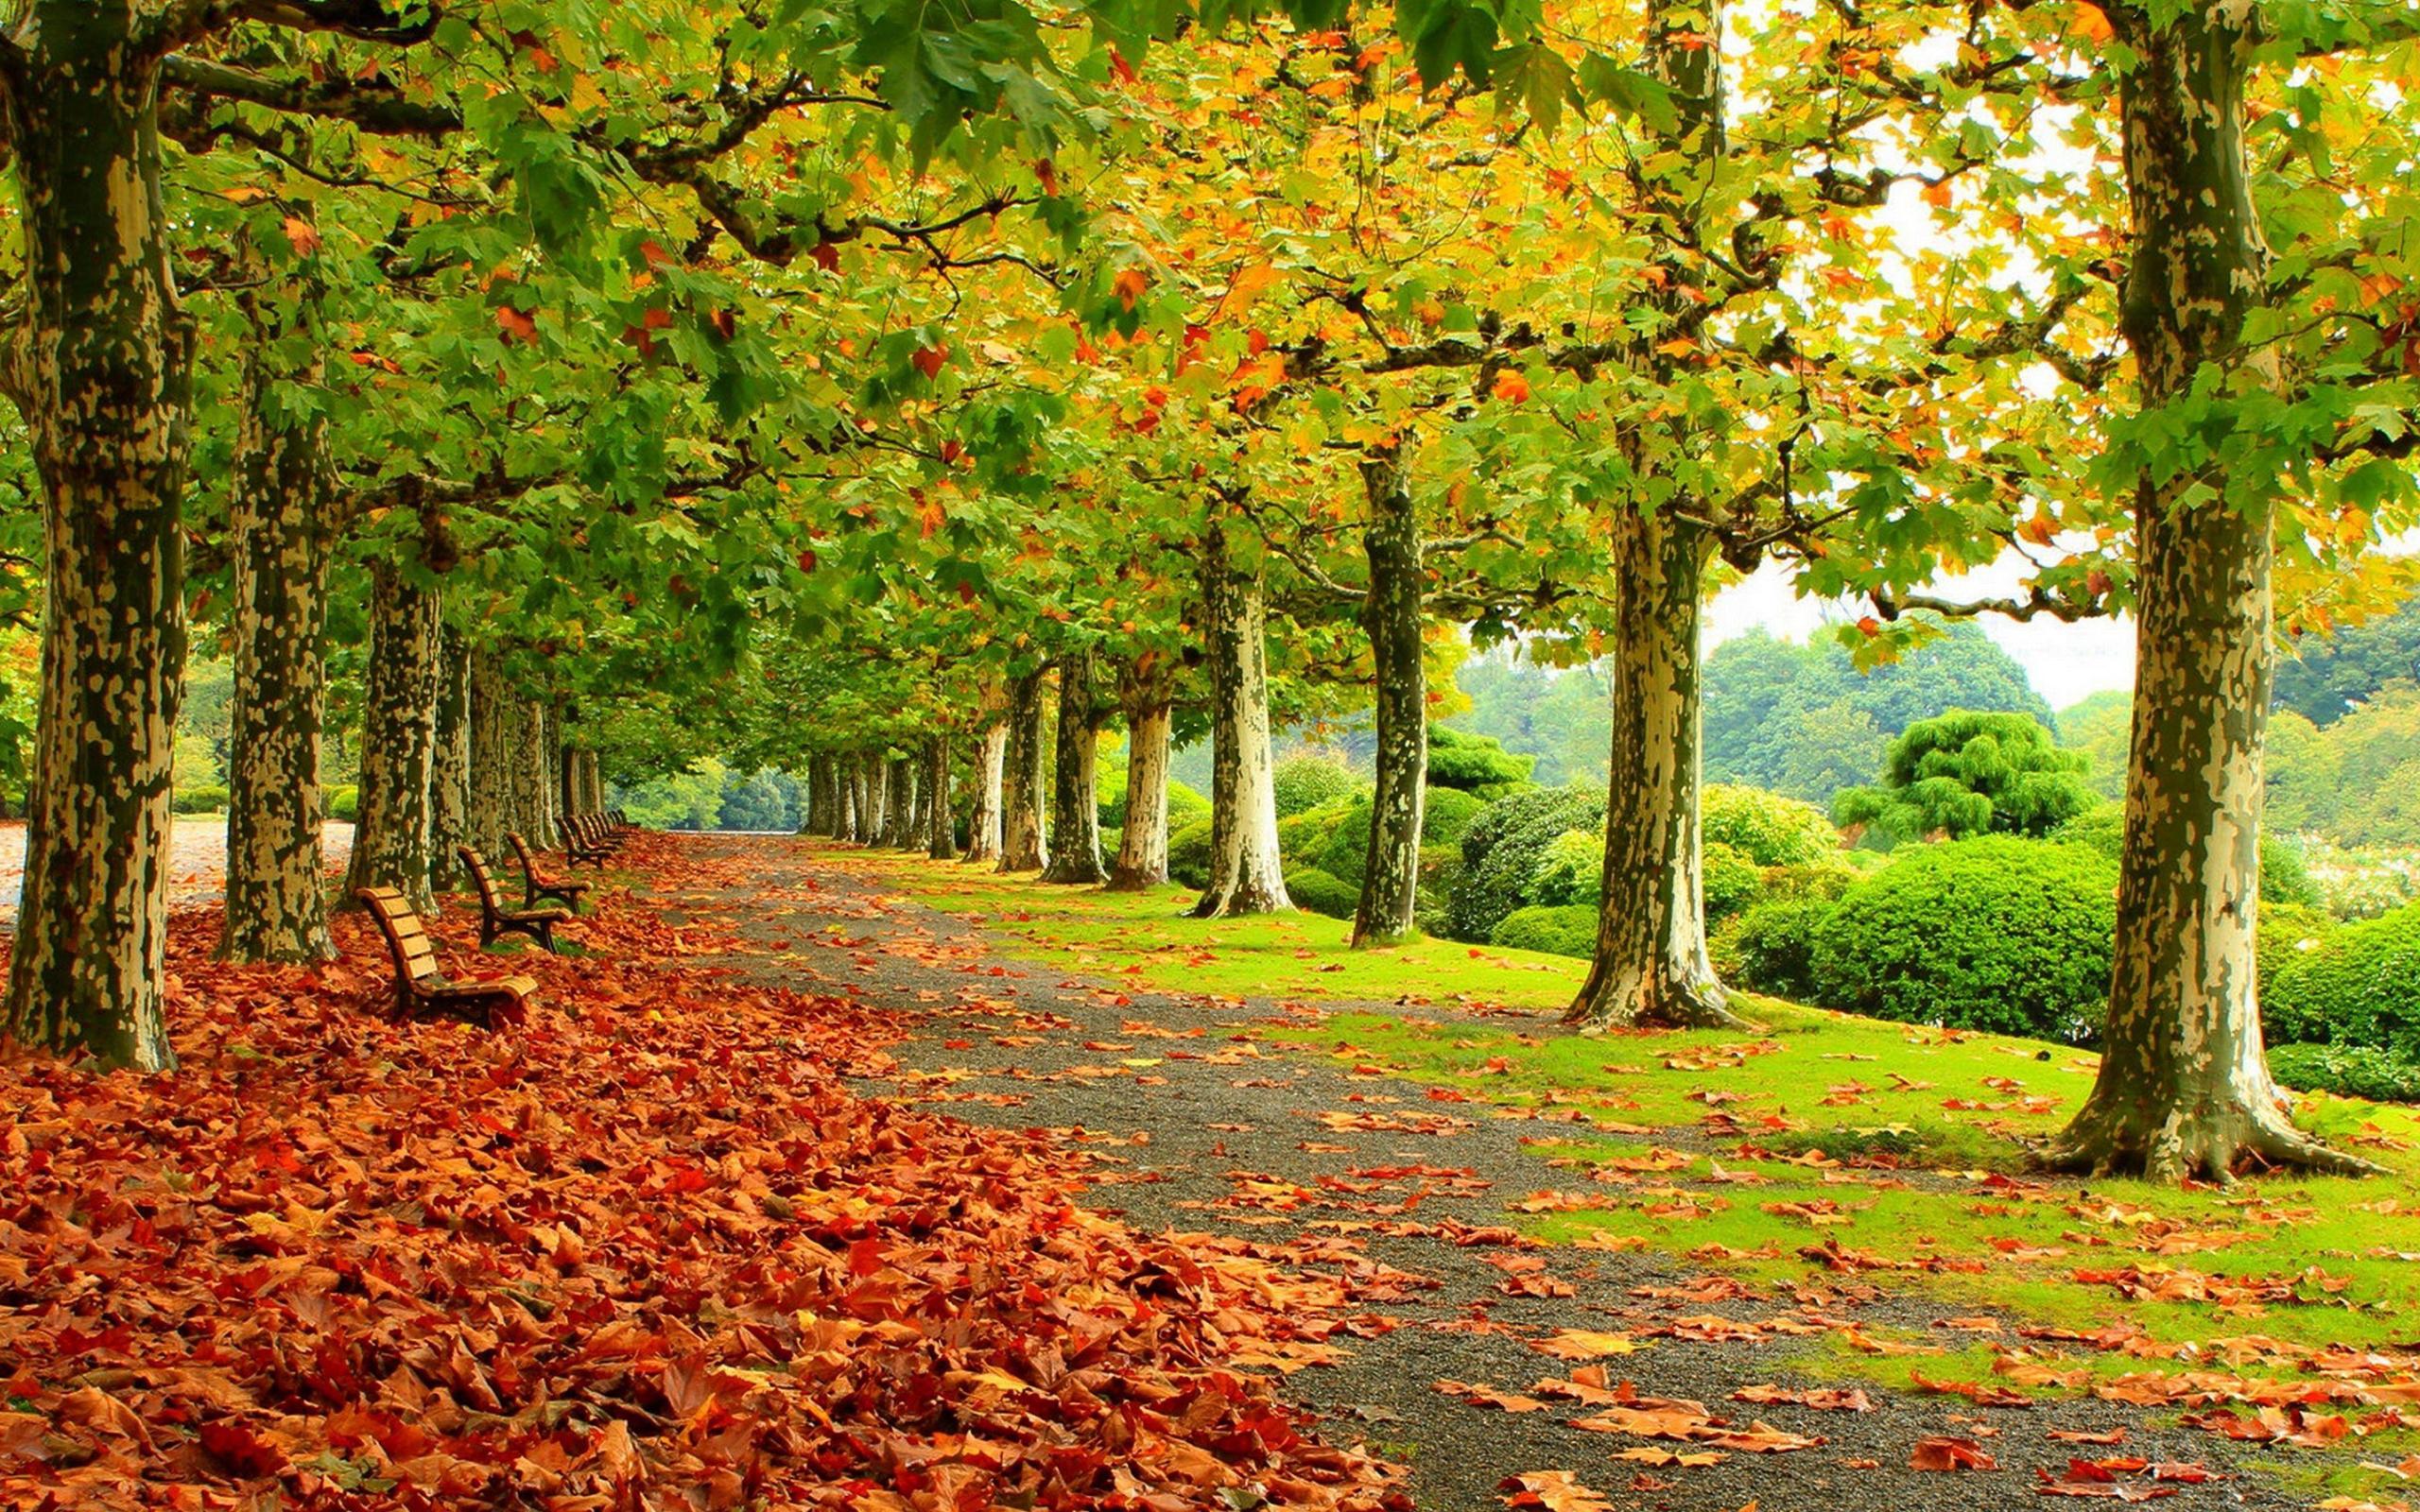 Осень в парке обои для рабочего стола, картинки и фото ...